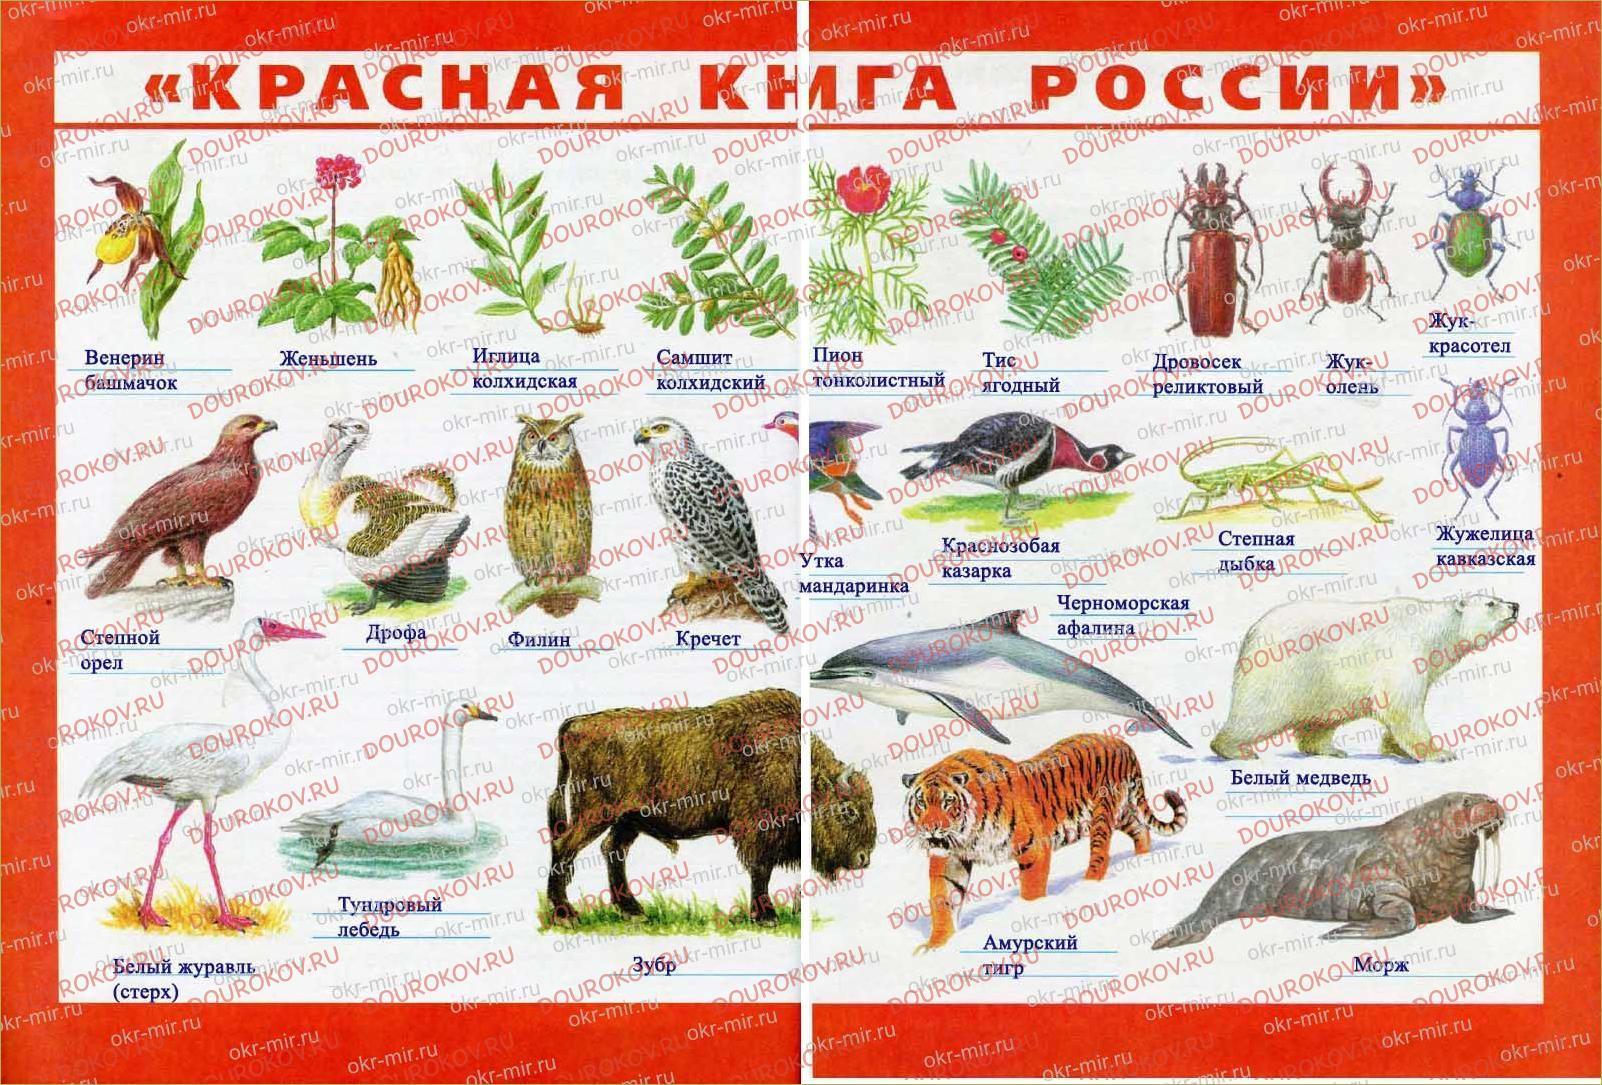 У Чёрного моря - 24